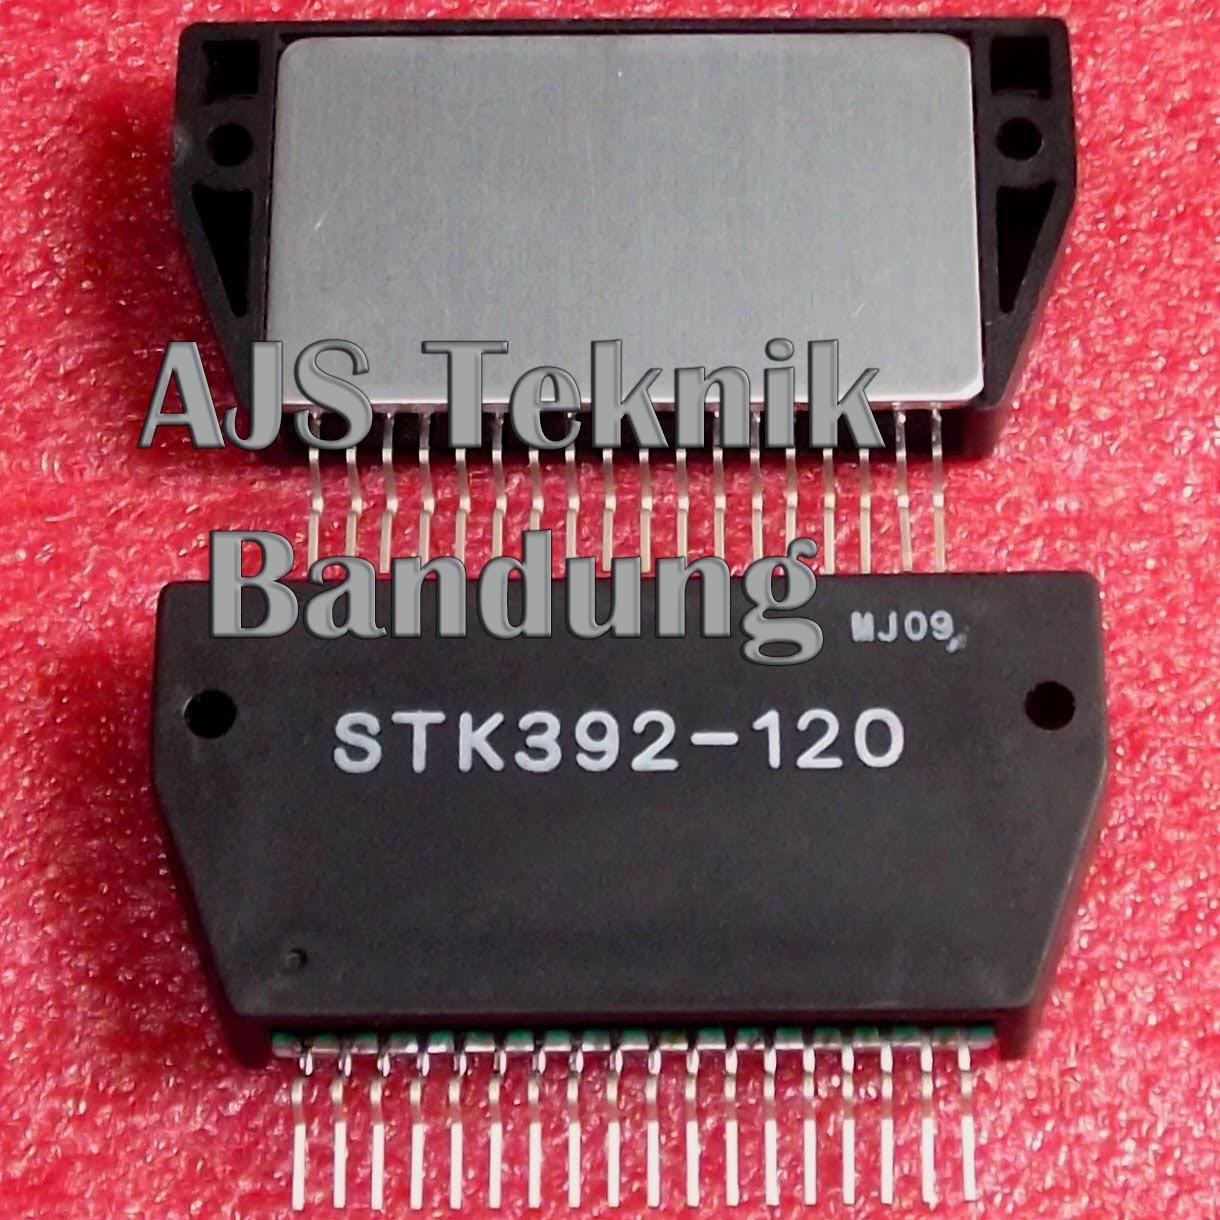 STK392-120